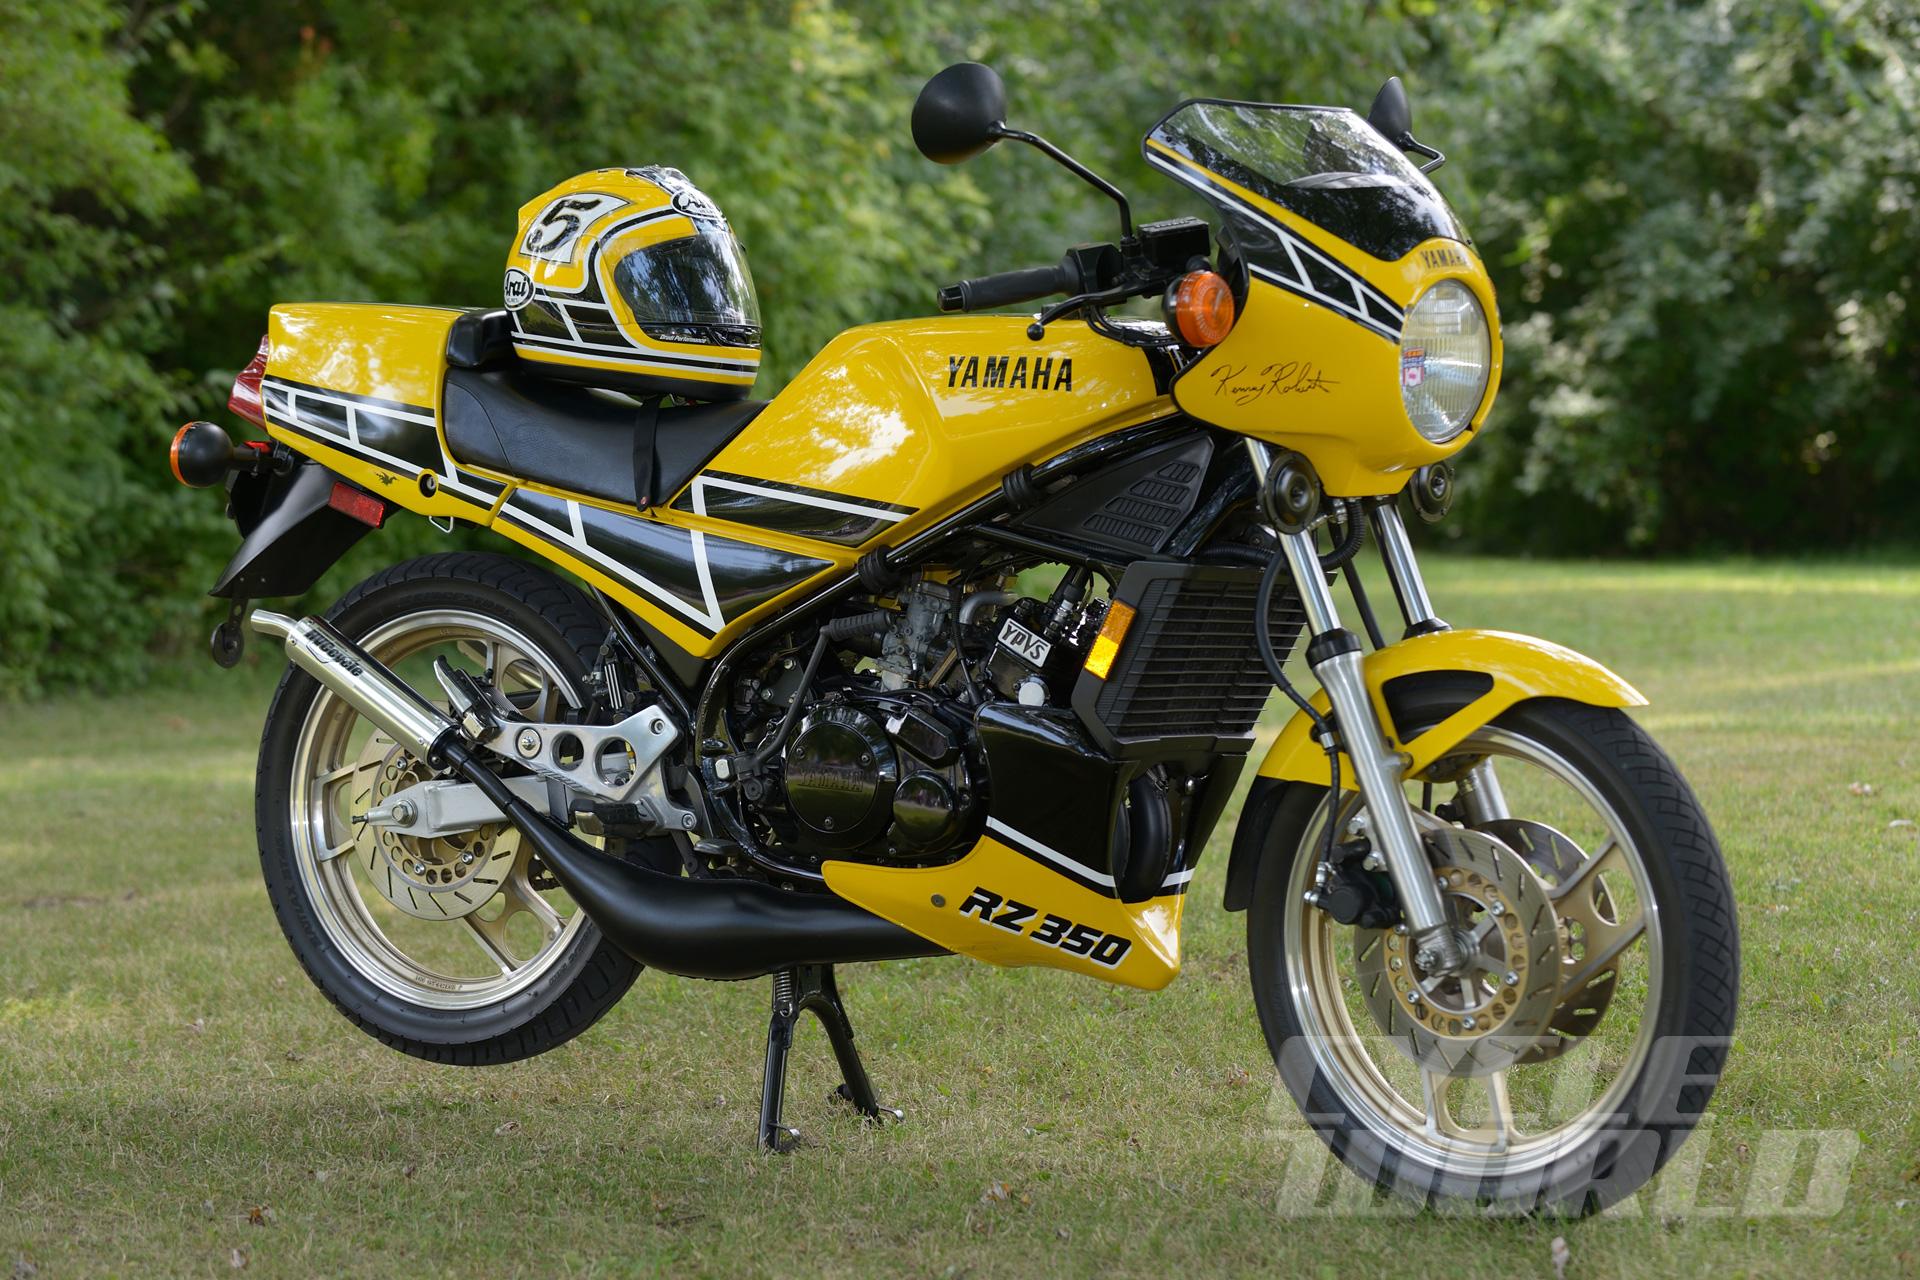 1984-yamaha-rz350-02-v2.jpg